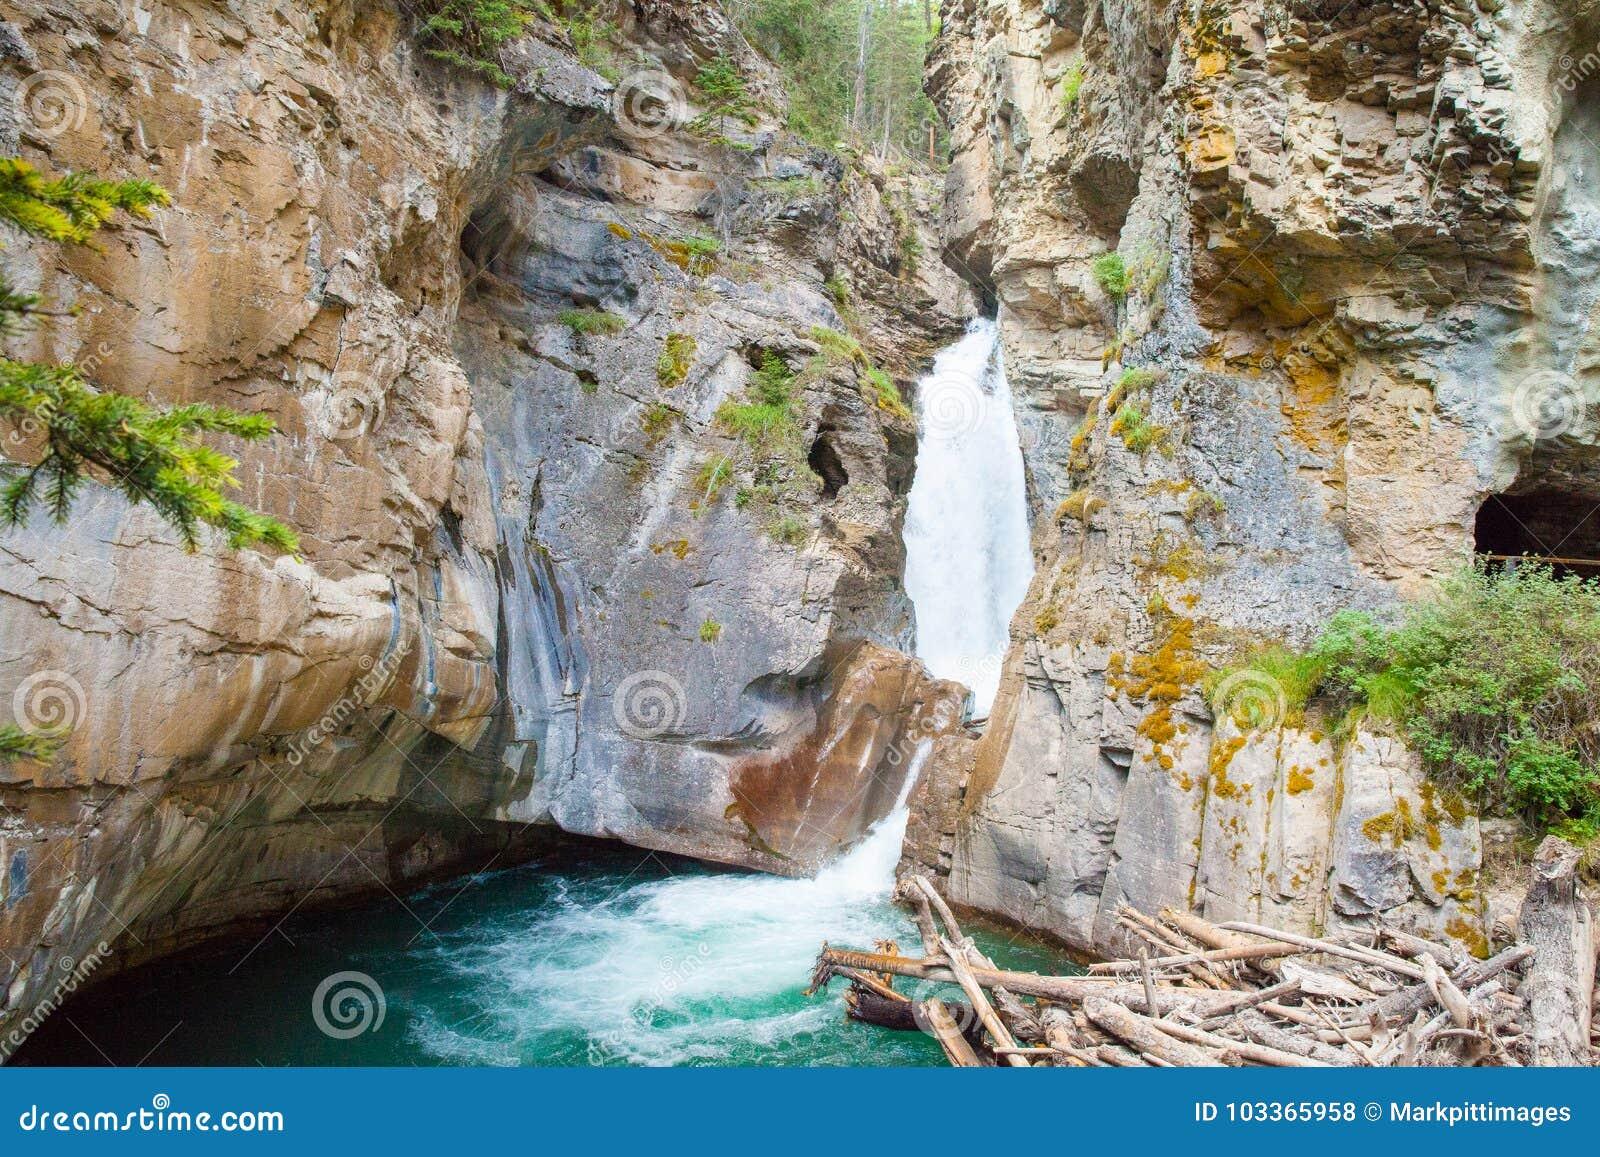 Водопад в национальном парке banff каньона johnston